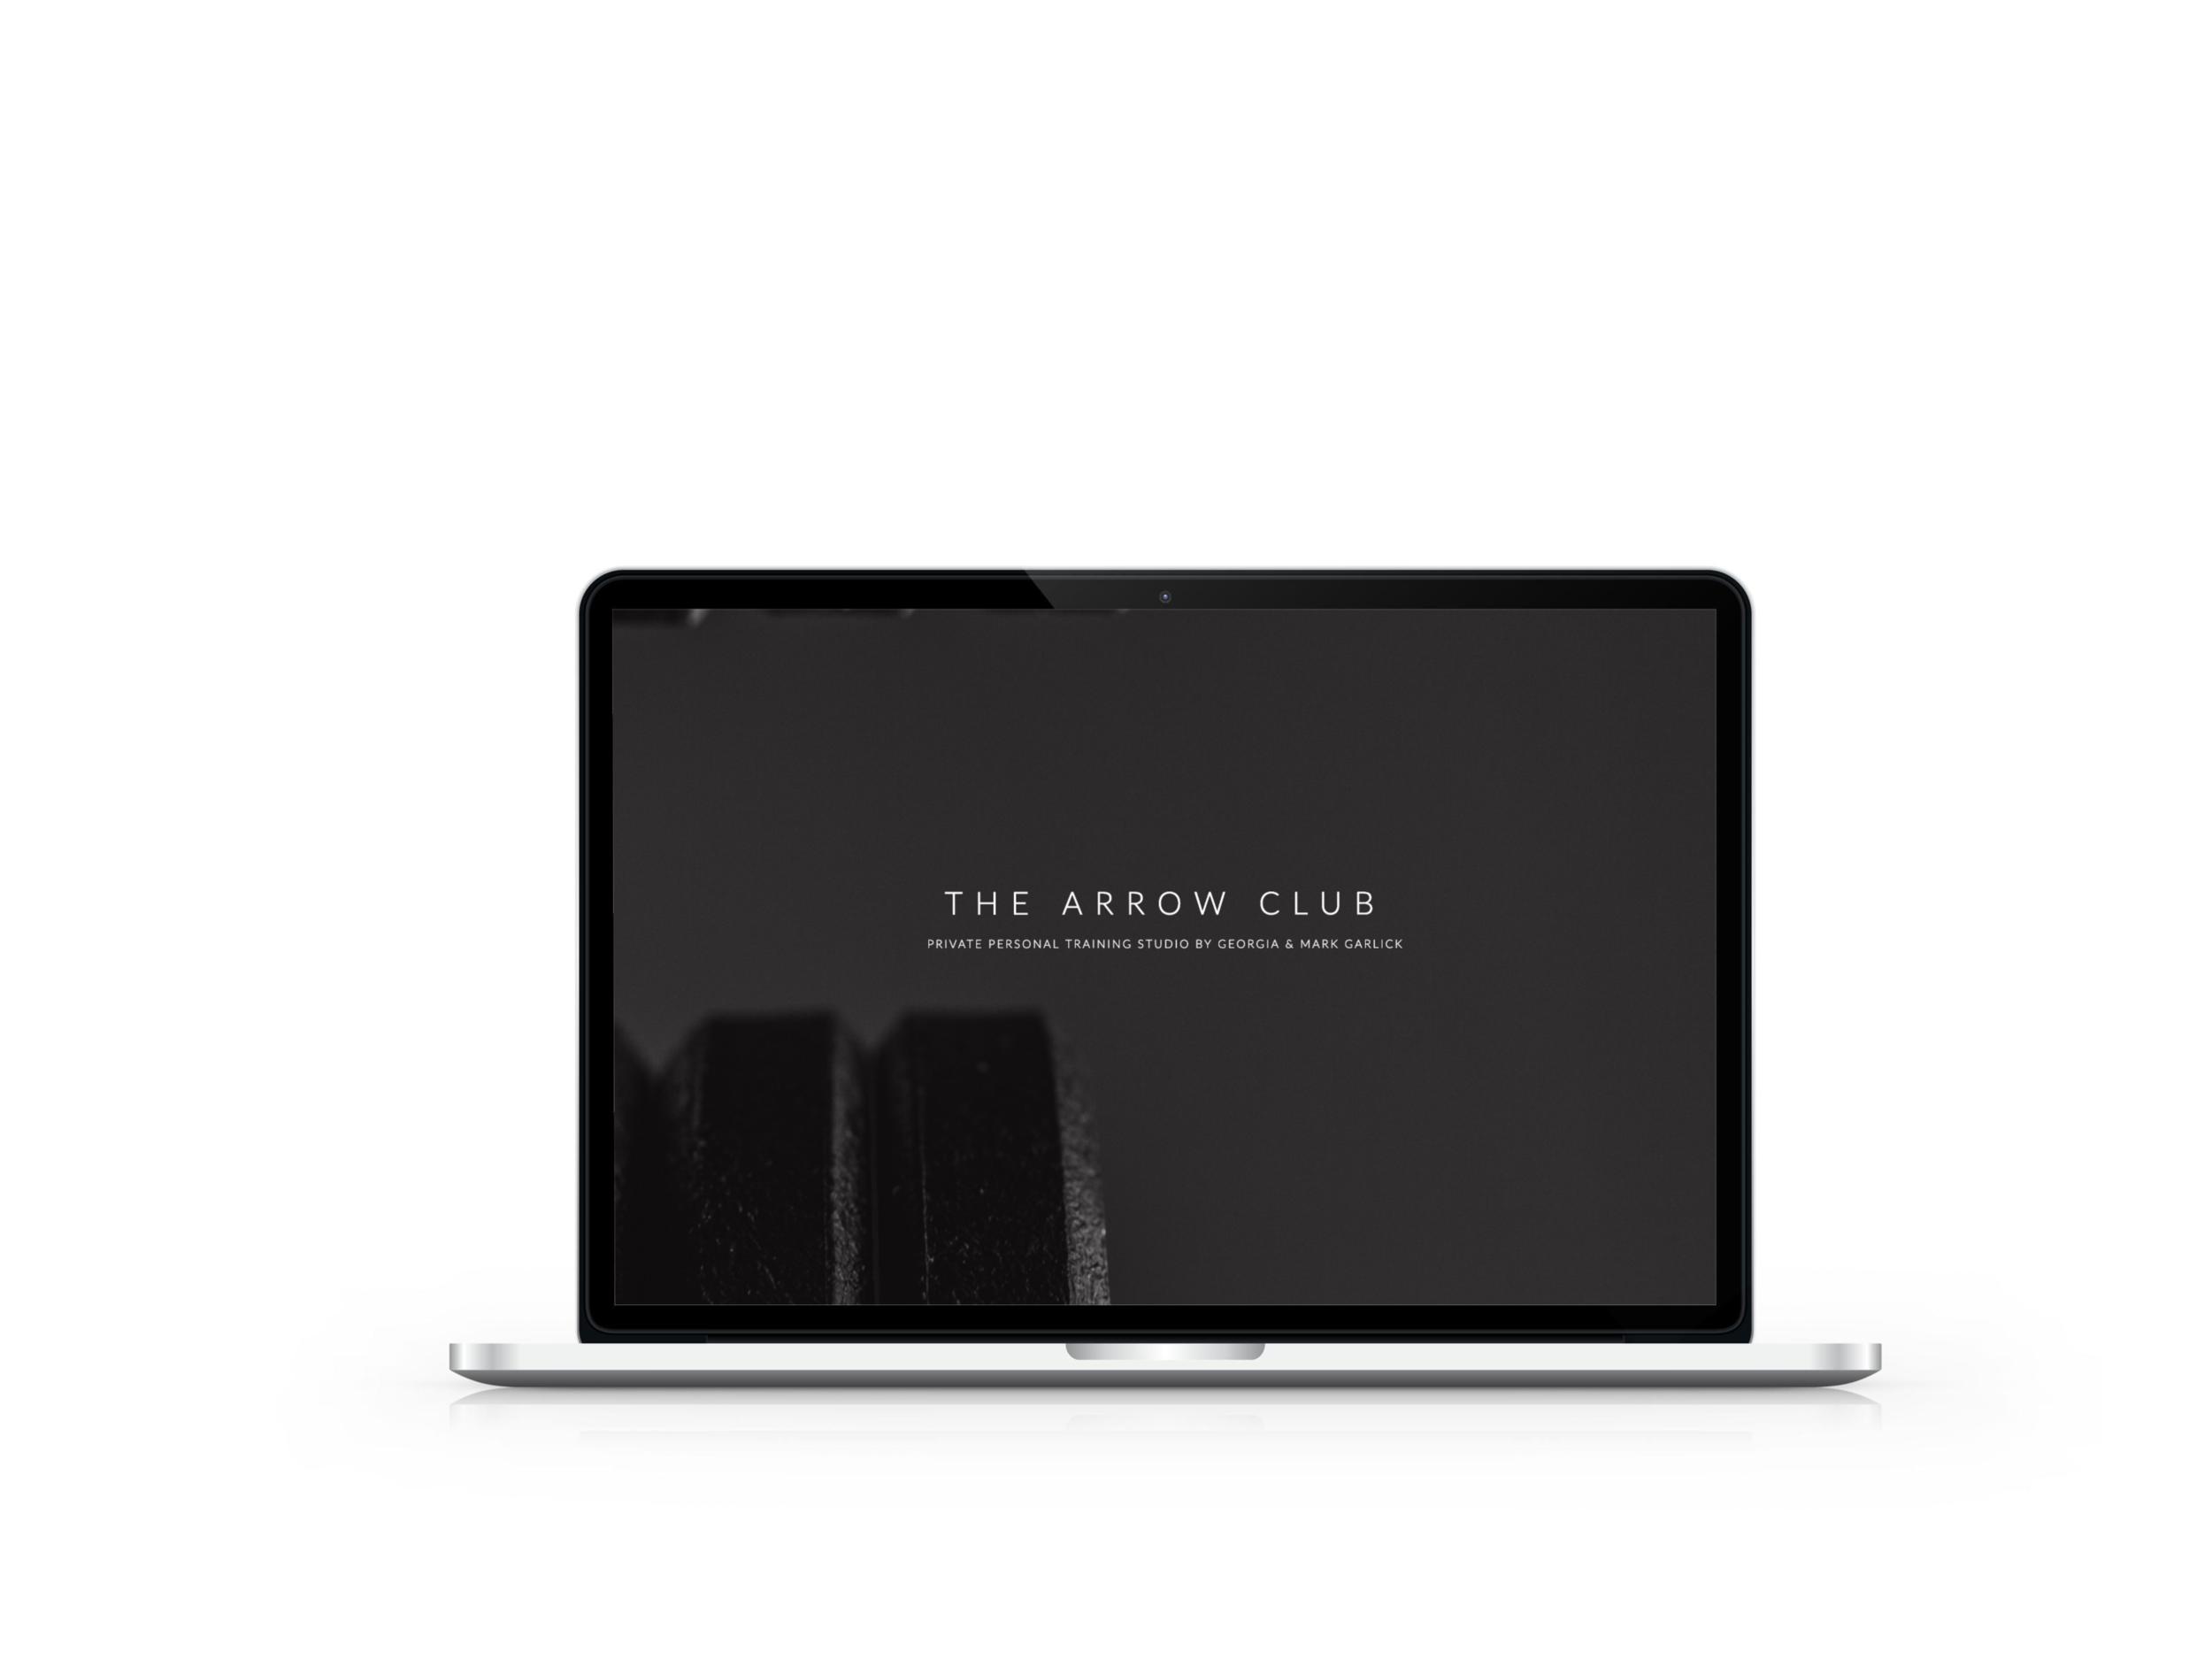 The Arrow Club Website Design